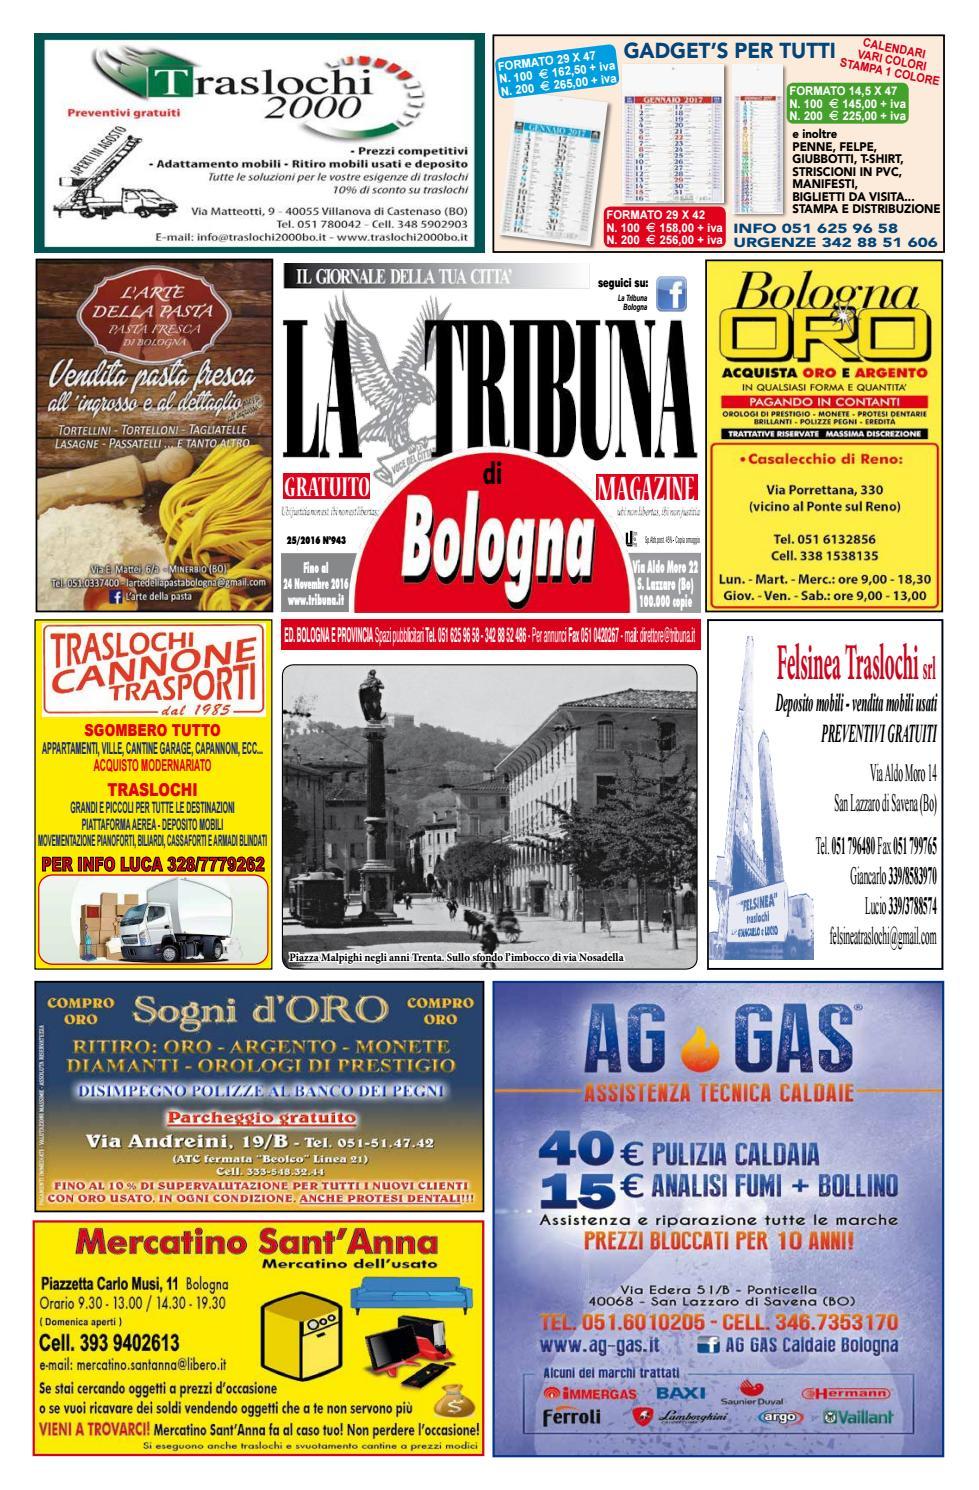 cucito card making Artigianato 50 20 x 20 mm Argento Fiocchi Ideale Per Matrimonio D/'oro